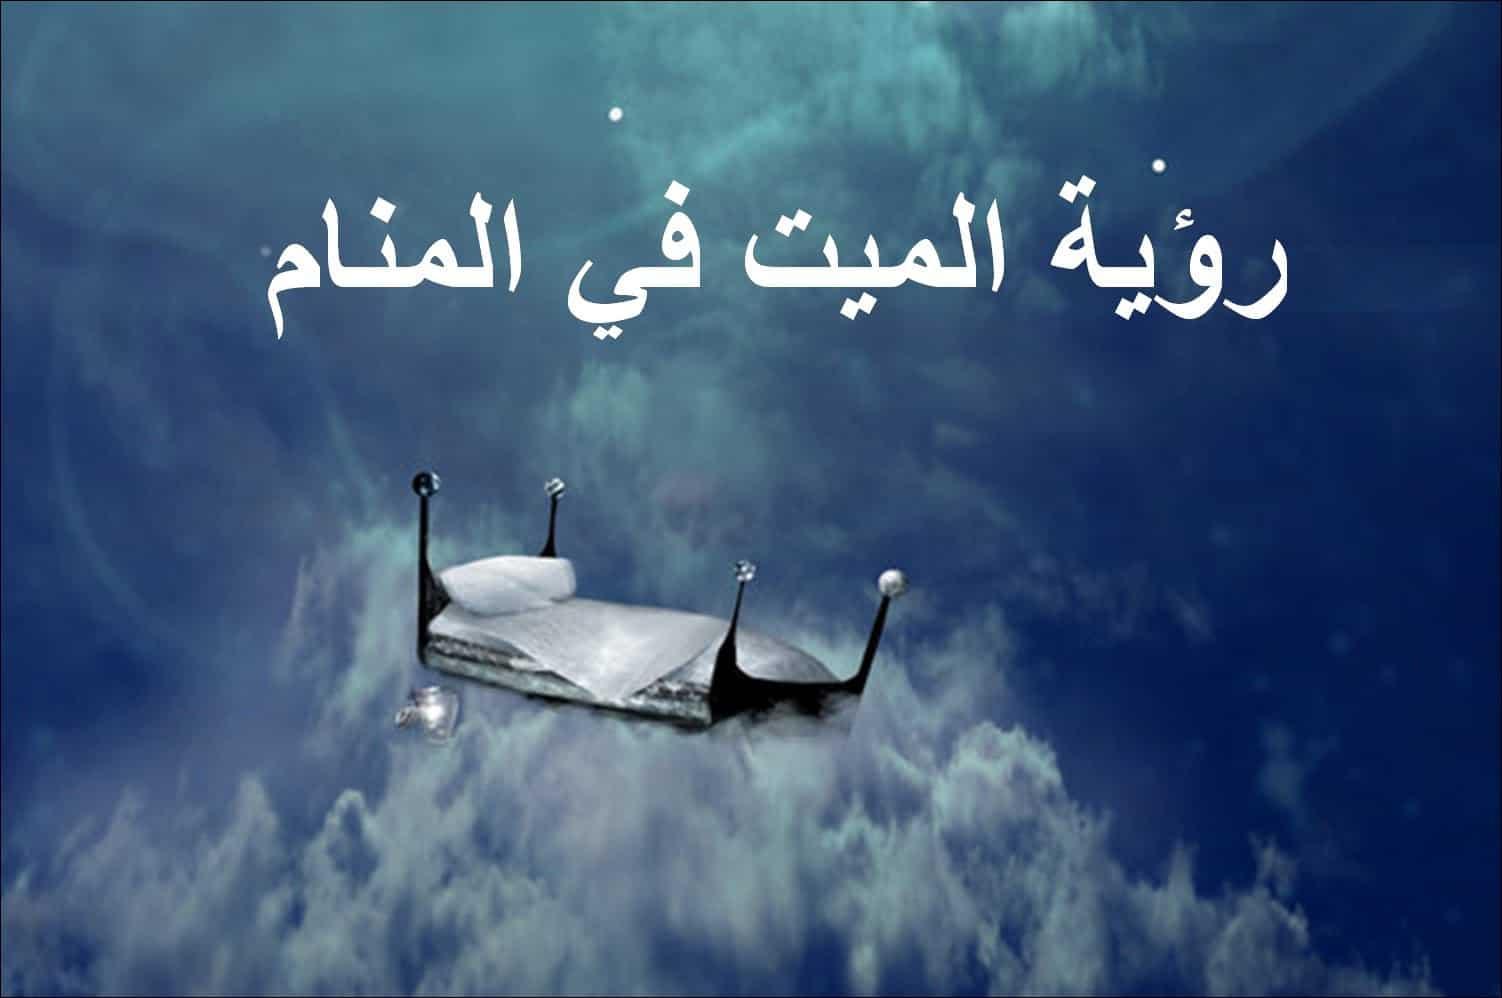 صورة كلام الميت للحي في المنام , تفسير رؤيه الميت للحى فى المنام